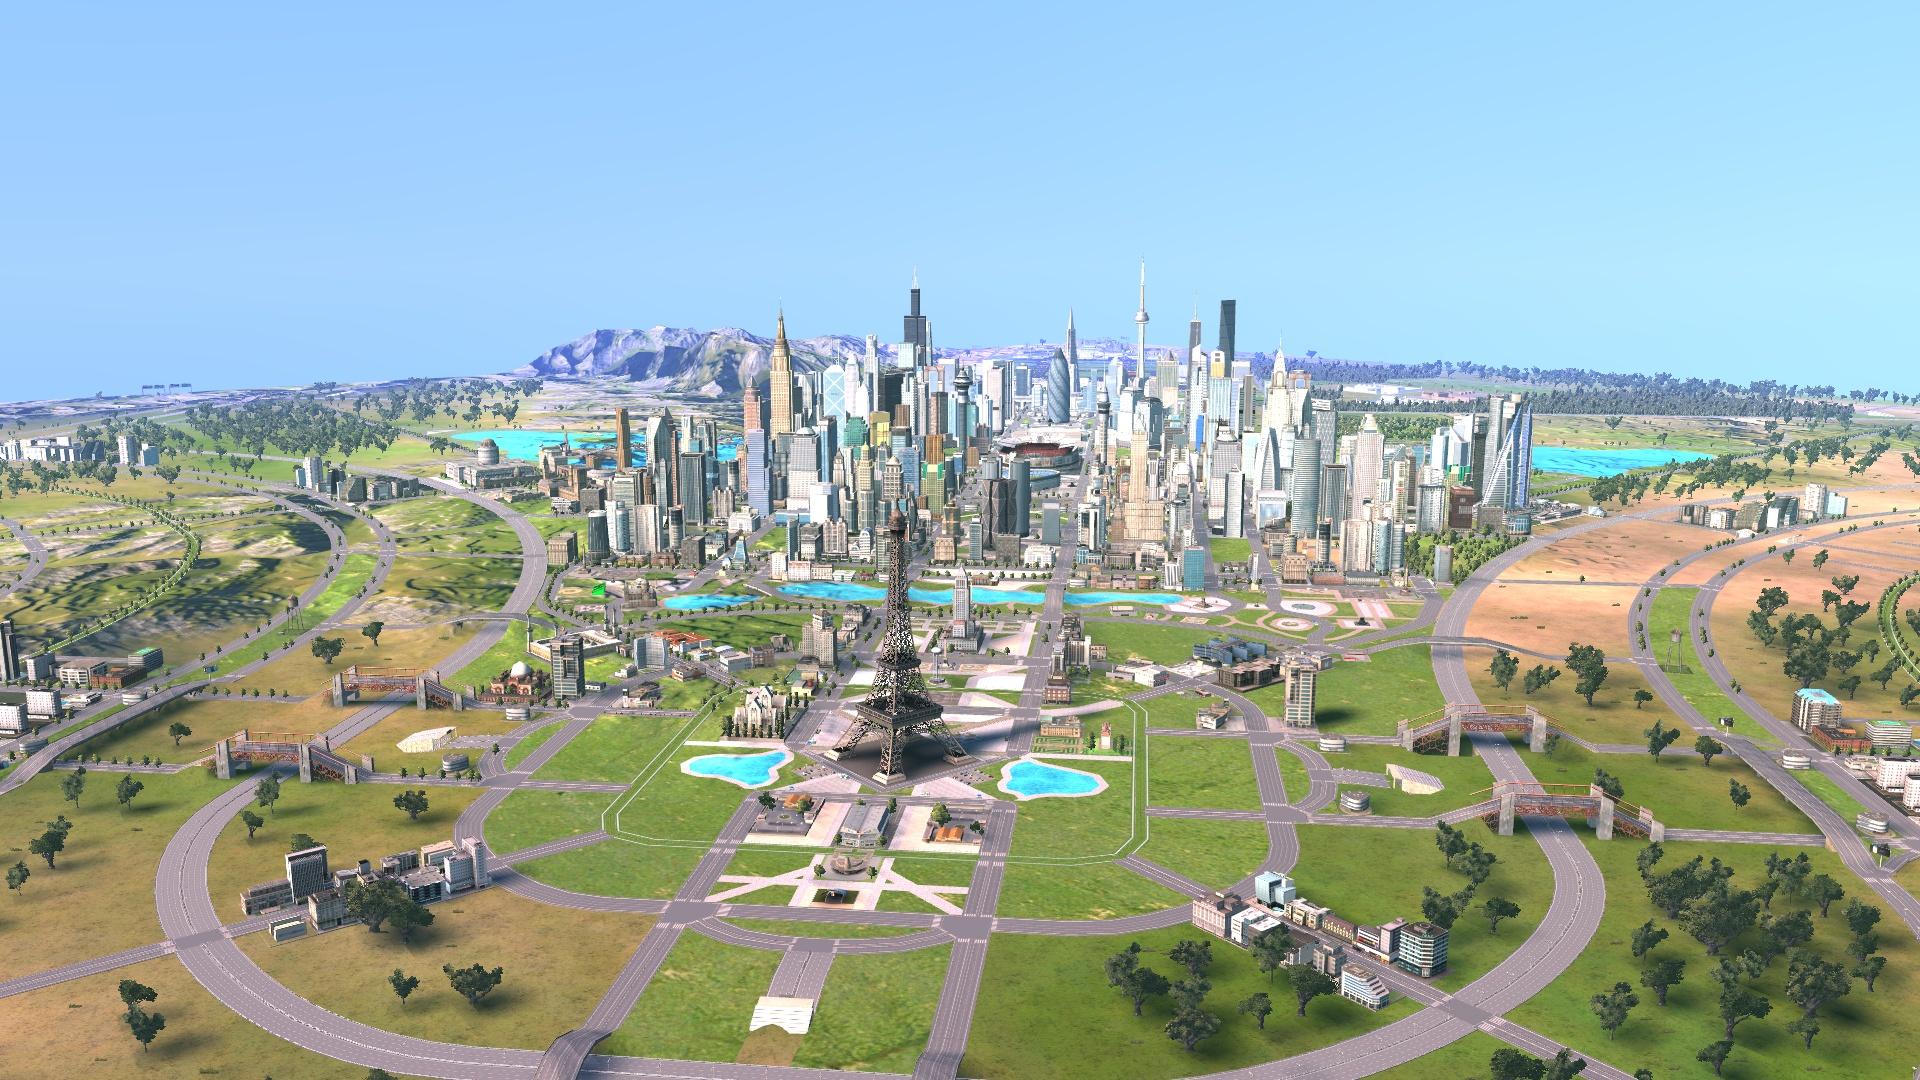 cxl_screenshot_futureville_0.jpg